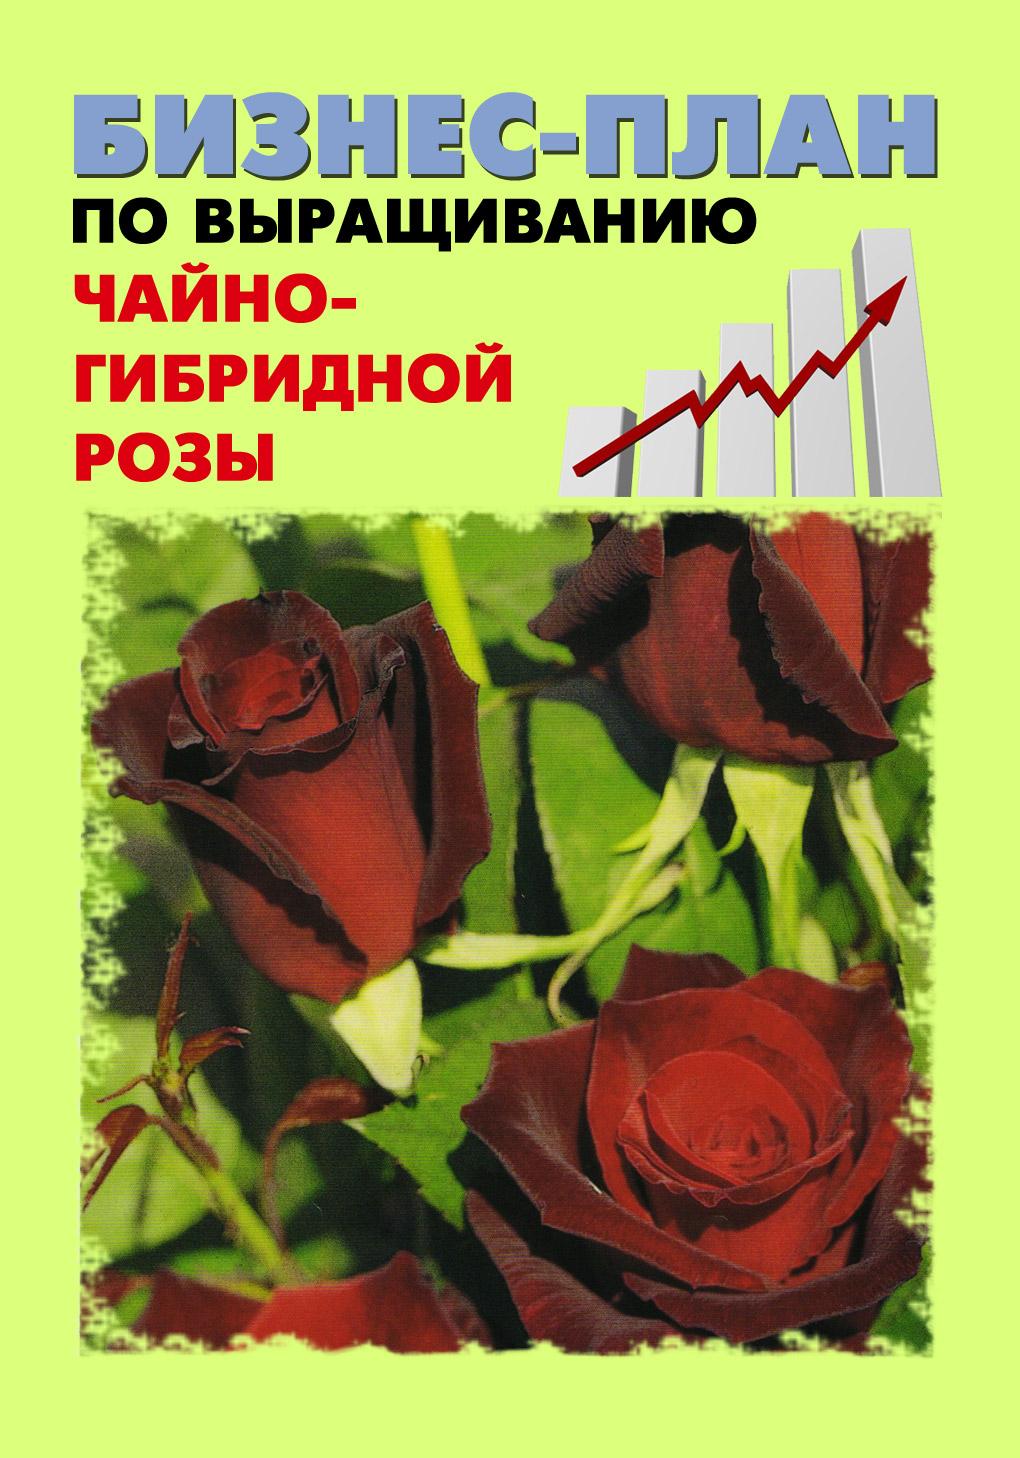 Бизнес-план по выращиванию чайно-гибридной розы